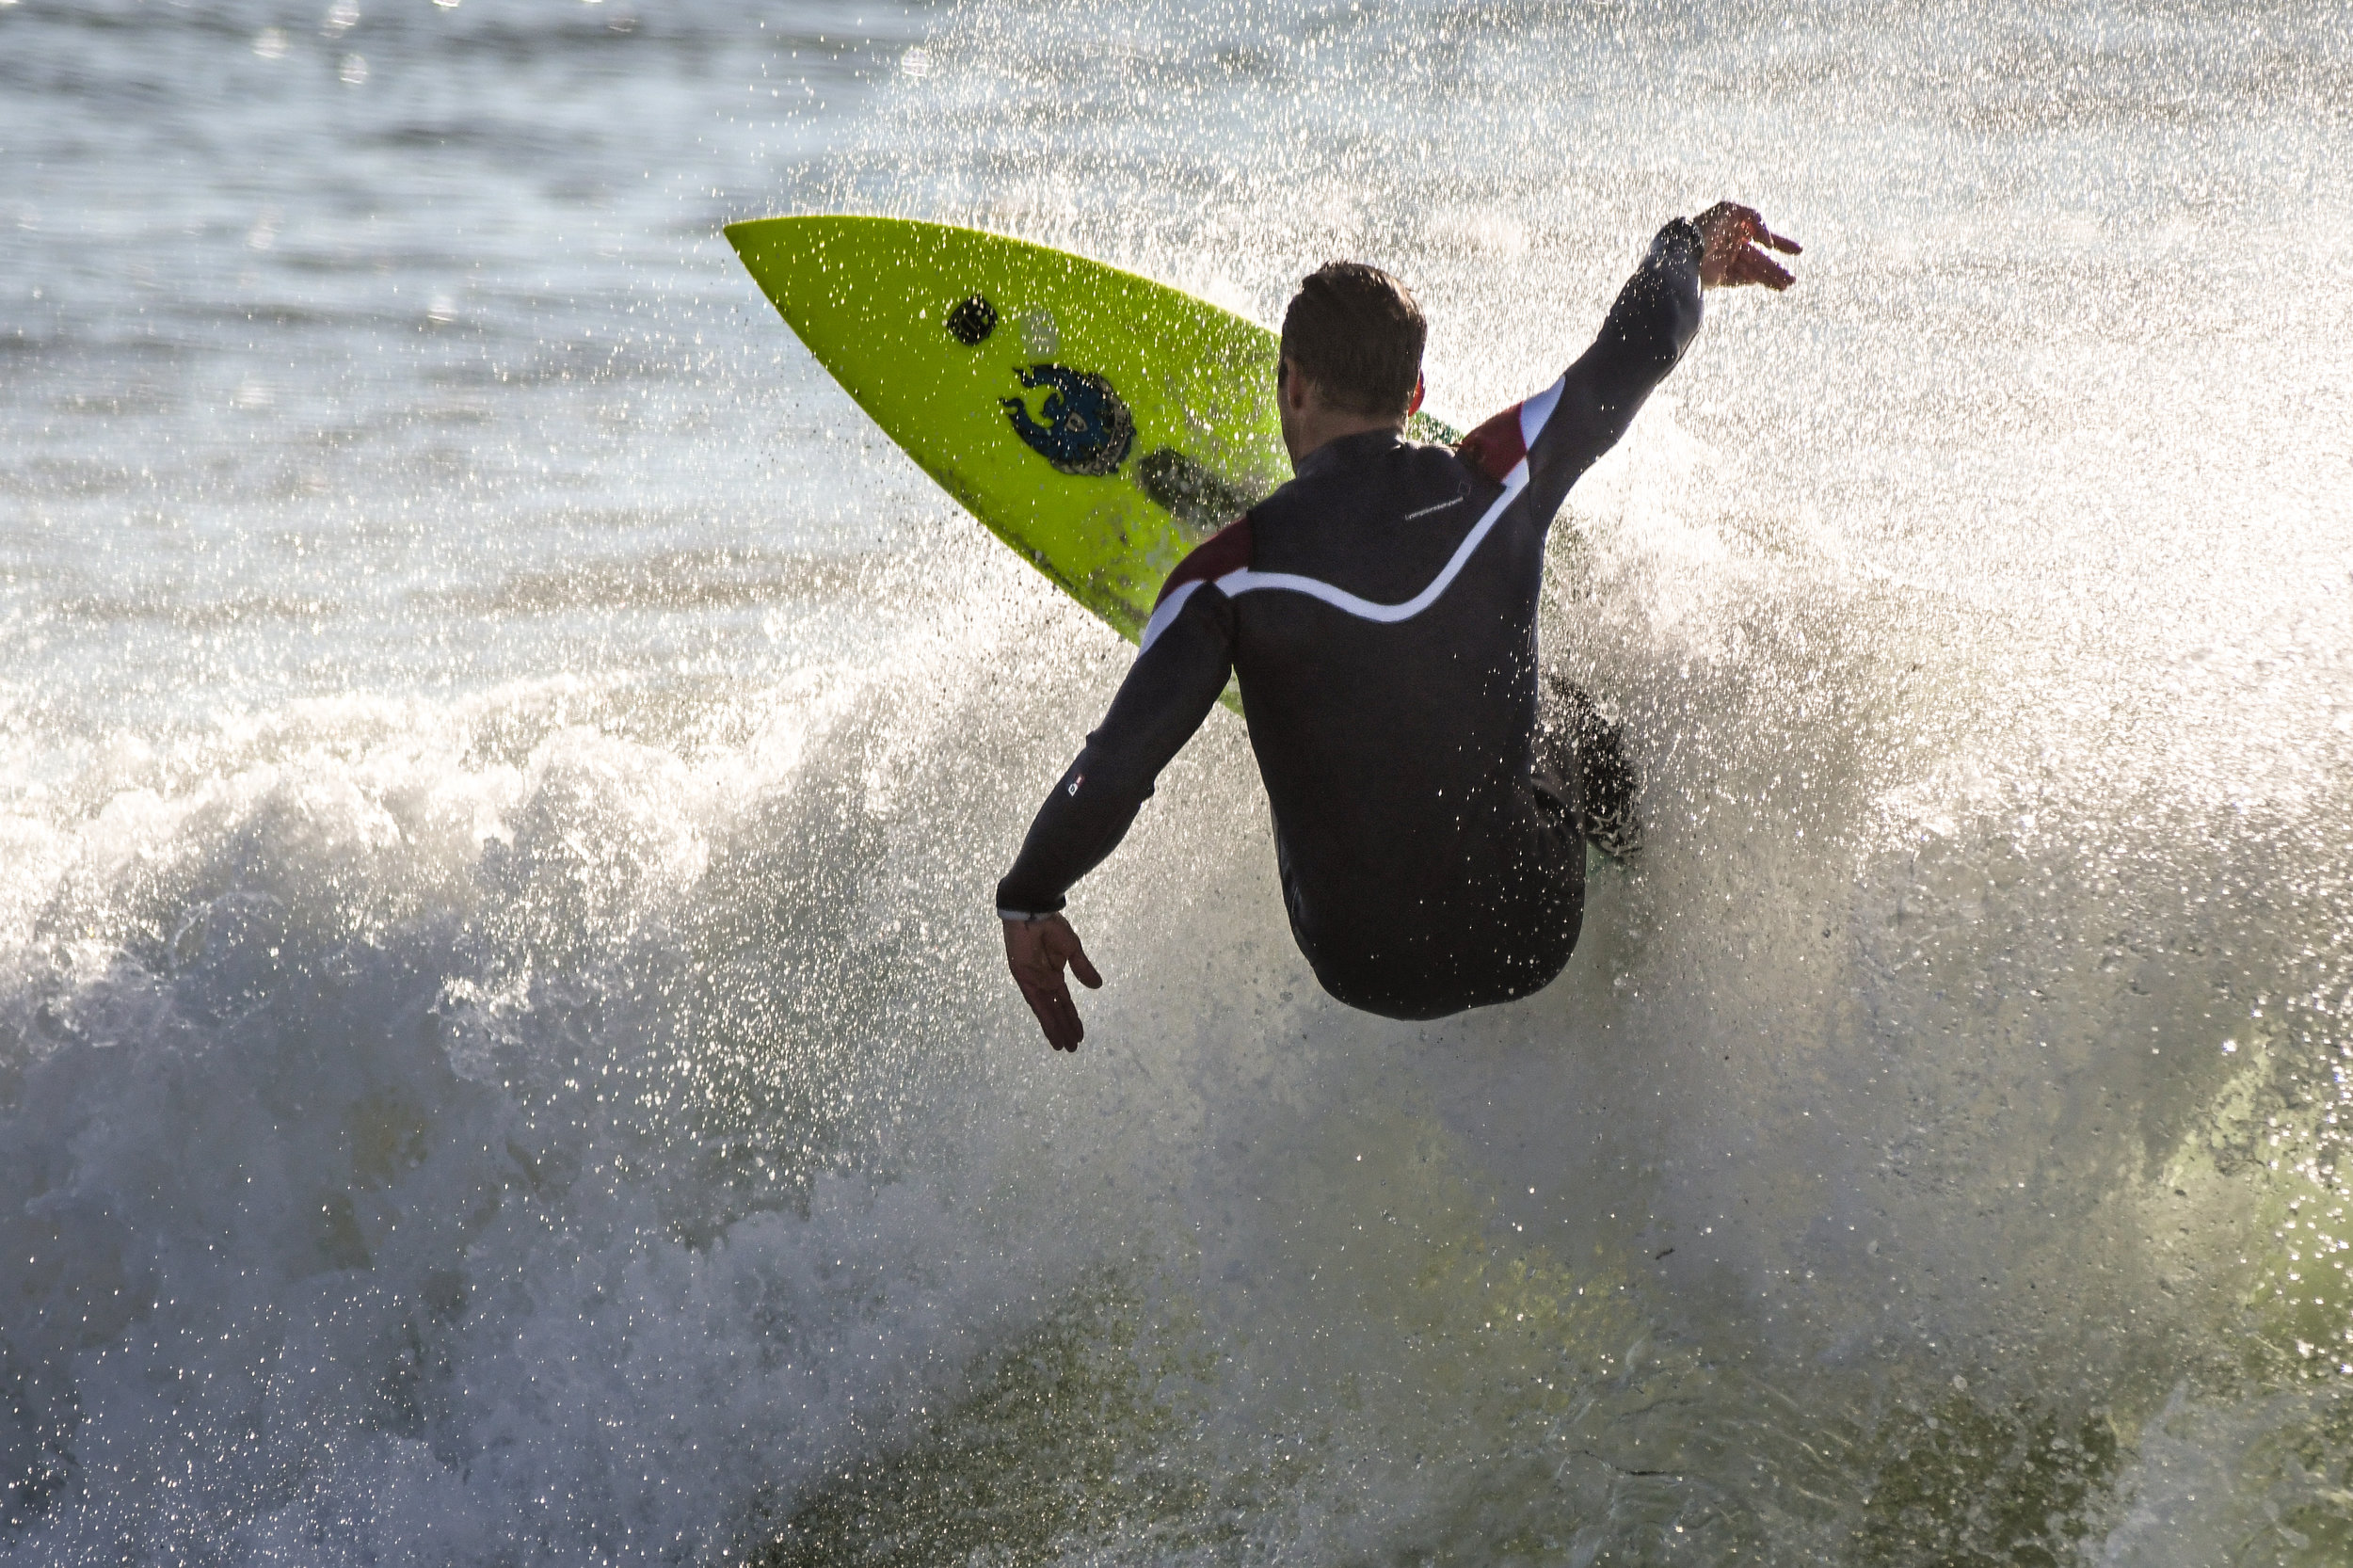 East Coast Surf - Ruggles